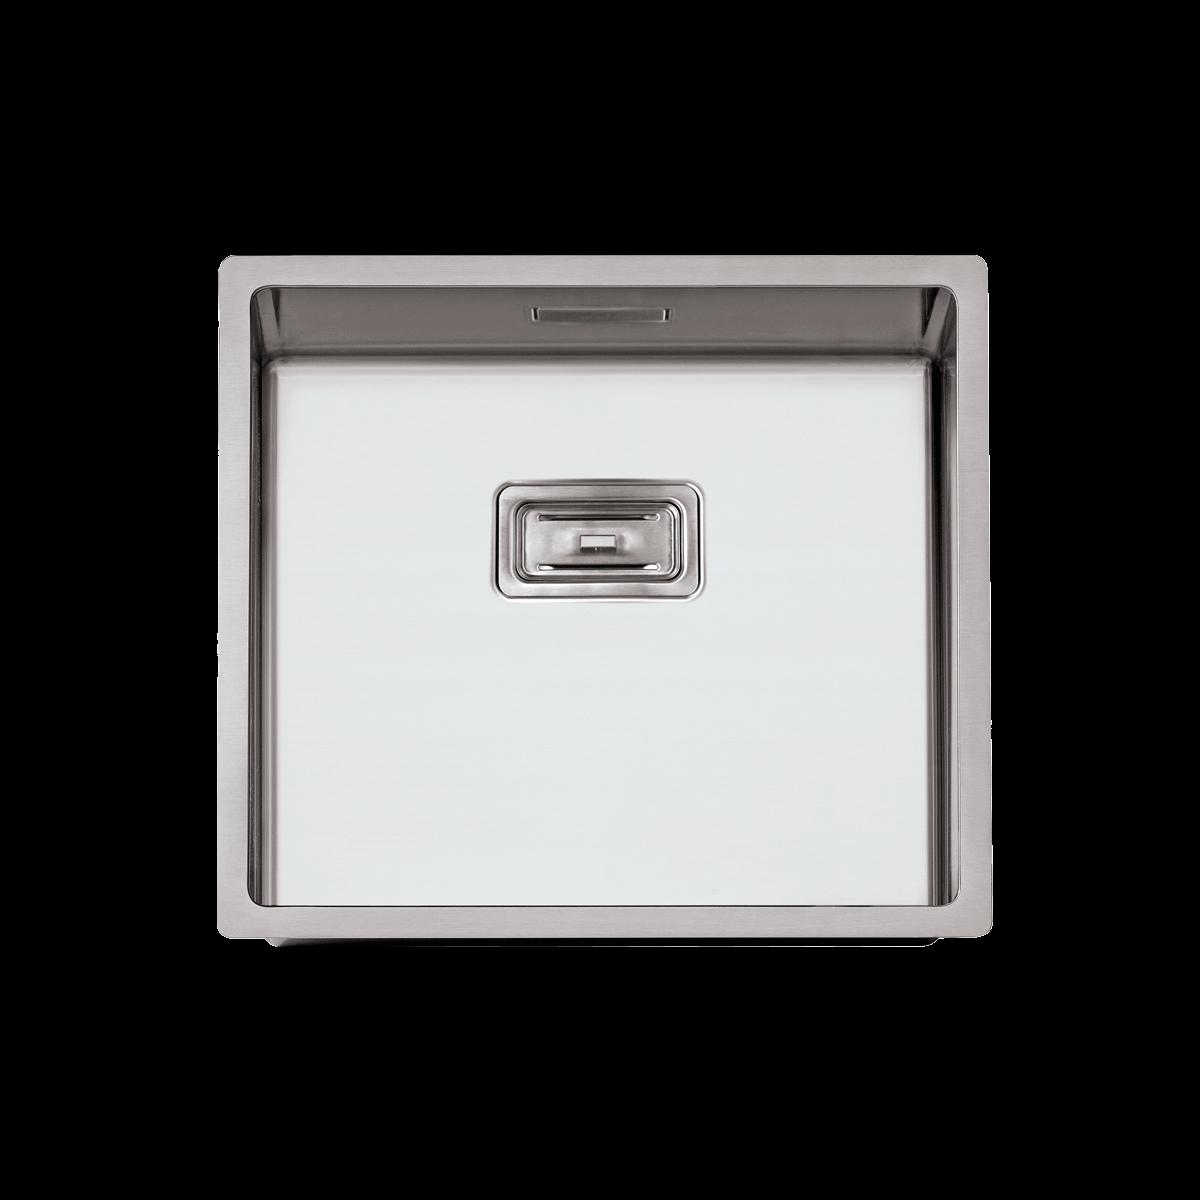 Evier en inox Rodi Box Lux Box Lux 45 BRO finition satiné couleur inox 450x400 avec 1 cuve vidage manuel Box Lux 45